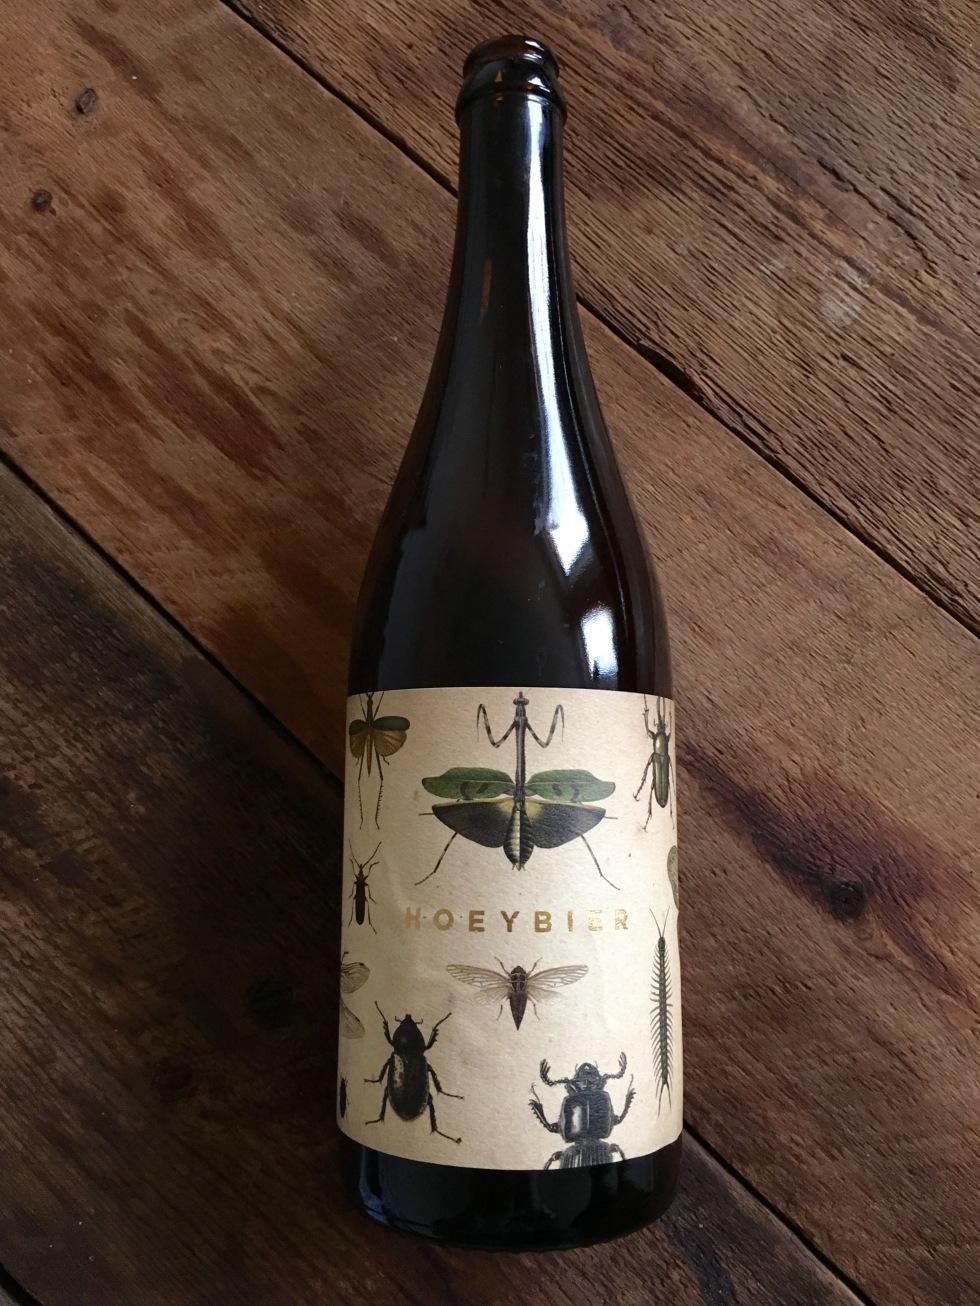 Hoeybier bottle